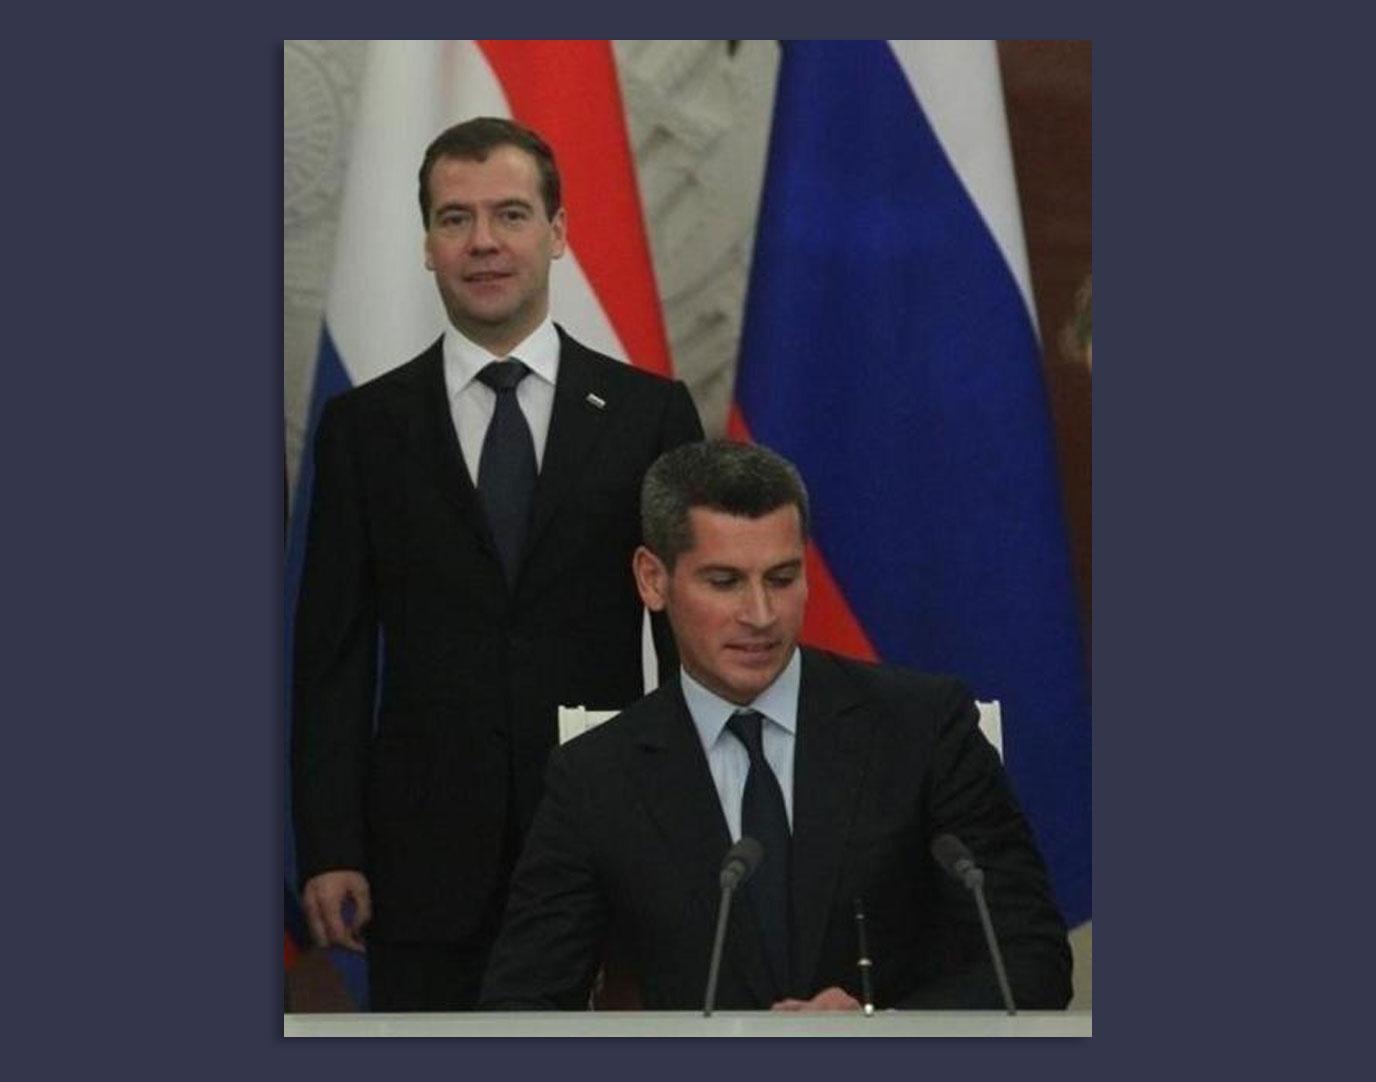 Медведев и Магомедов Фото © superlinguist.com